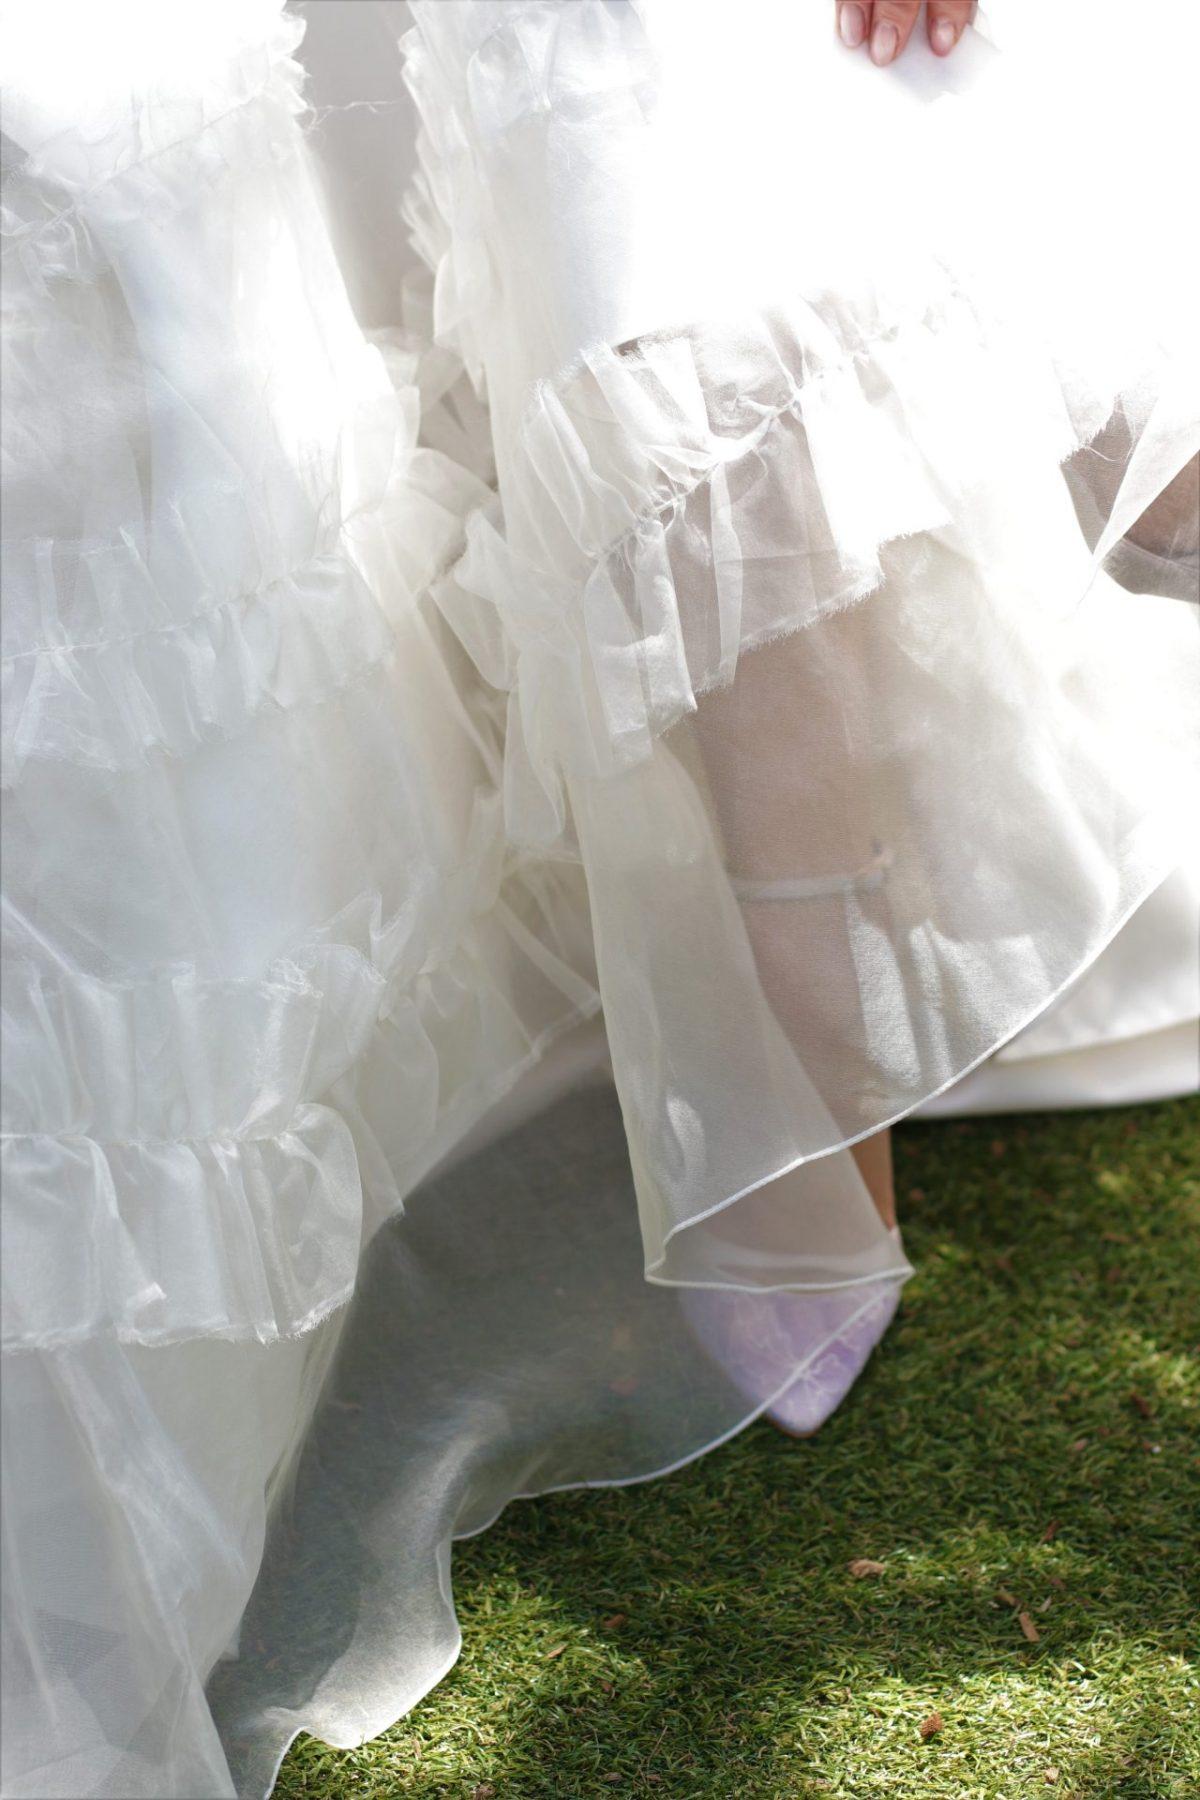 太陽の日差しが差し込むガーデン挙式の花嫁様に、ザ・トリート・ドレッシングのドレスコーディネーターが提案するのは、軽やかなオーガンジー素材のAラインのウェディングドレスにレース素材のブライダルシューズを合わせたコーディネートです